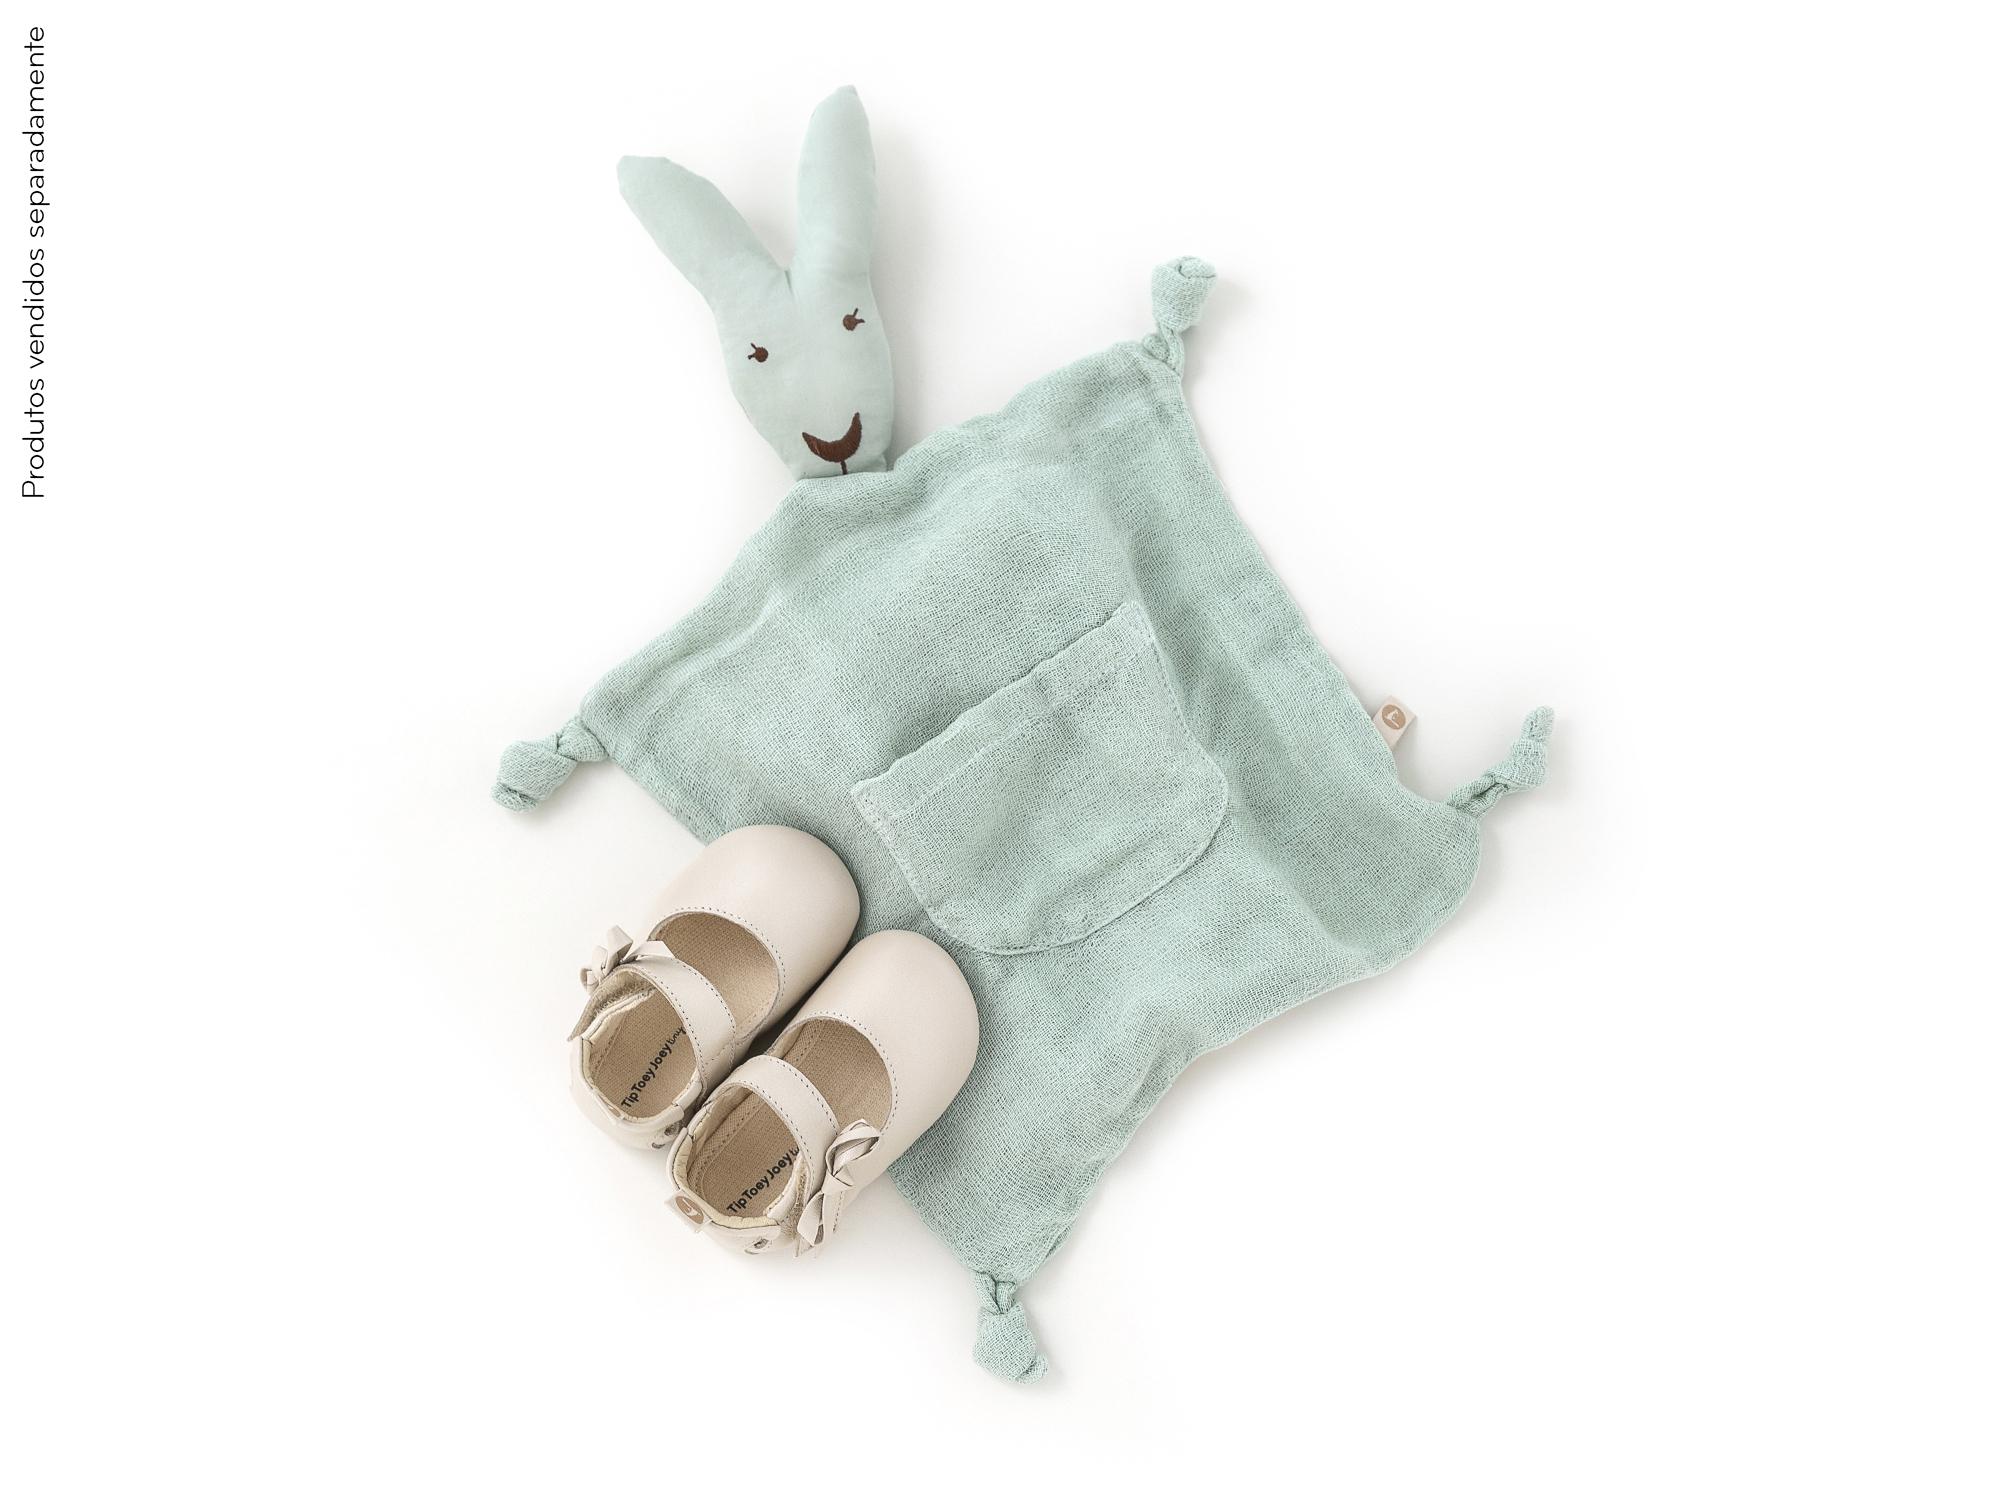 naninha4 Bebê unisex1 canguru